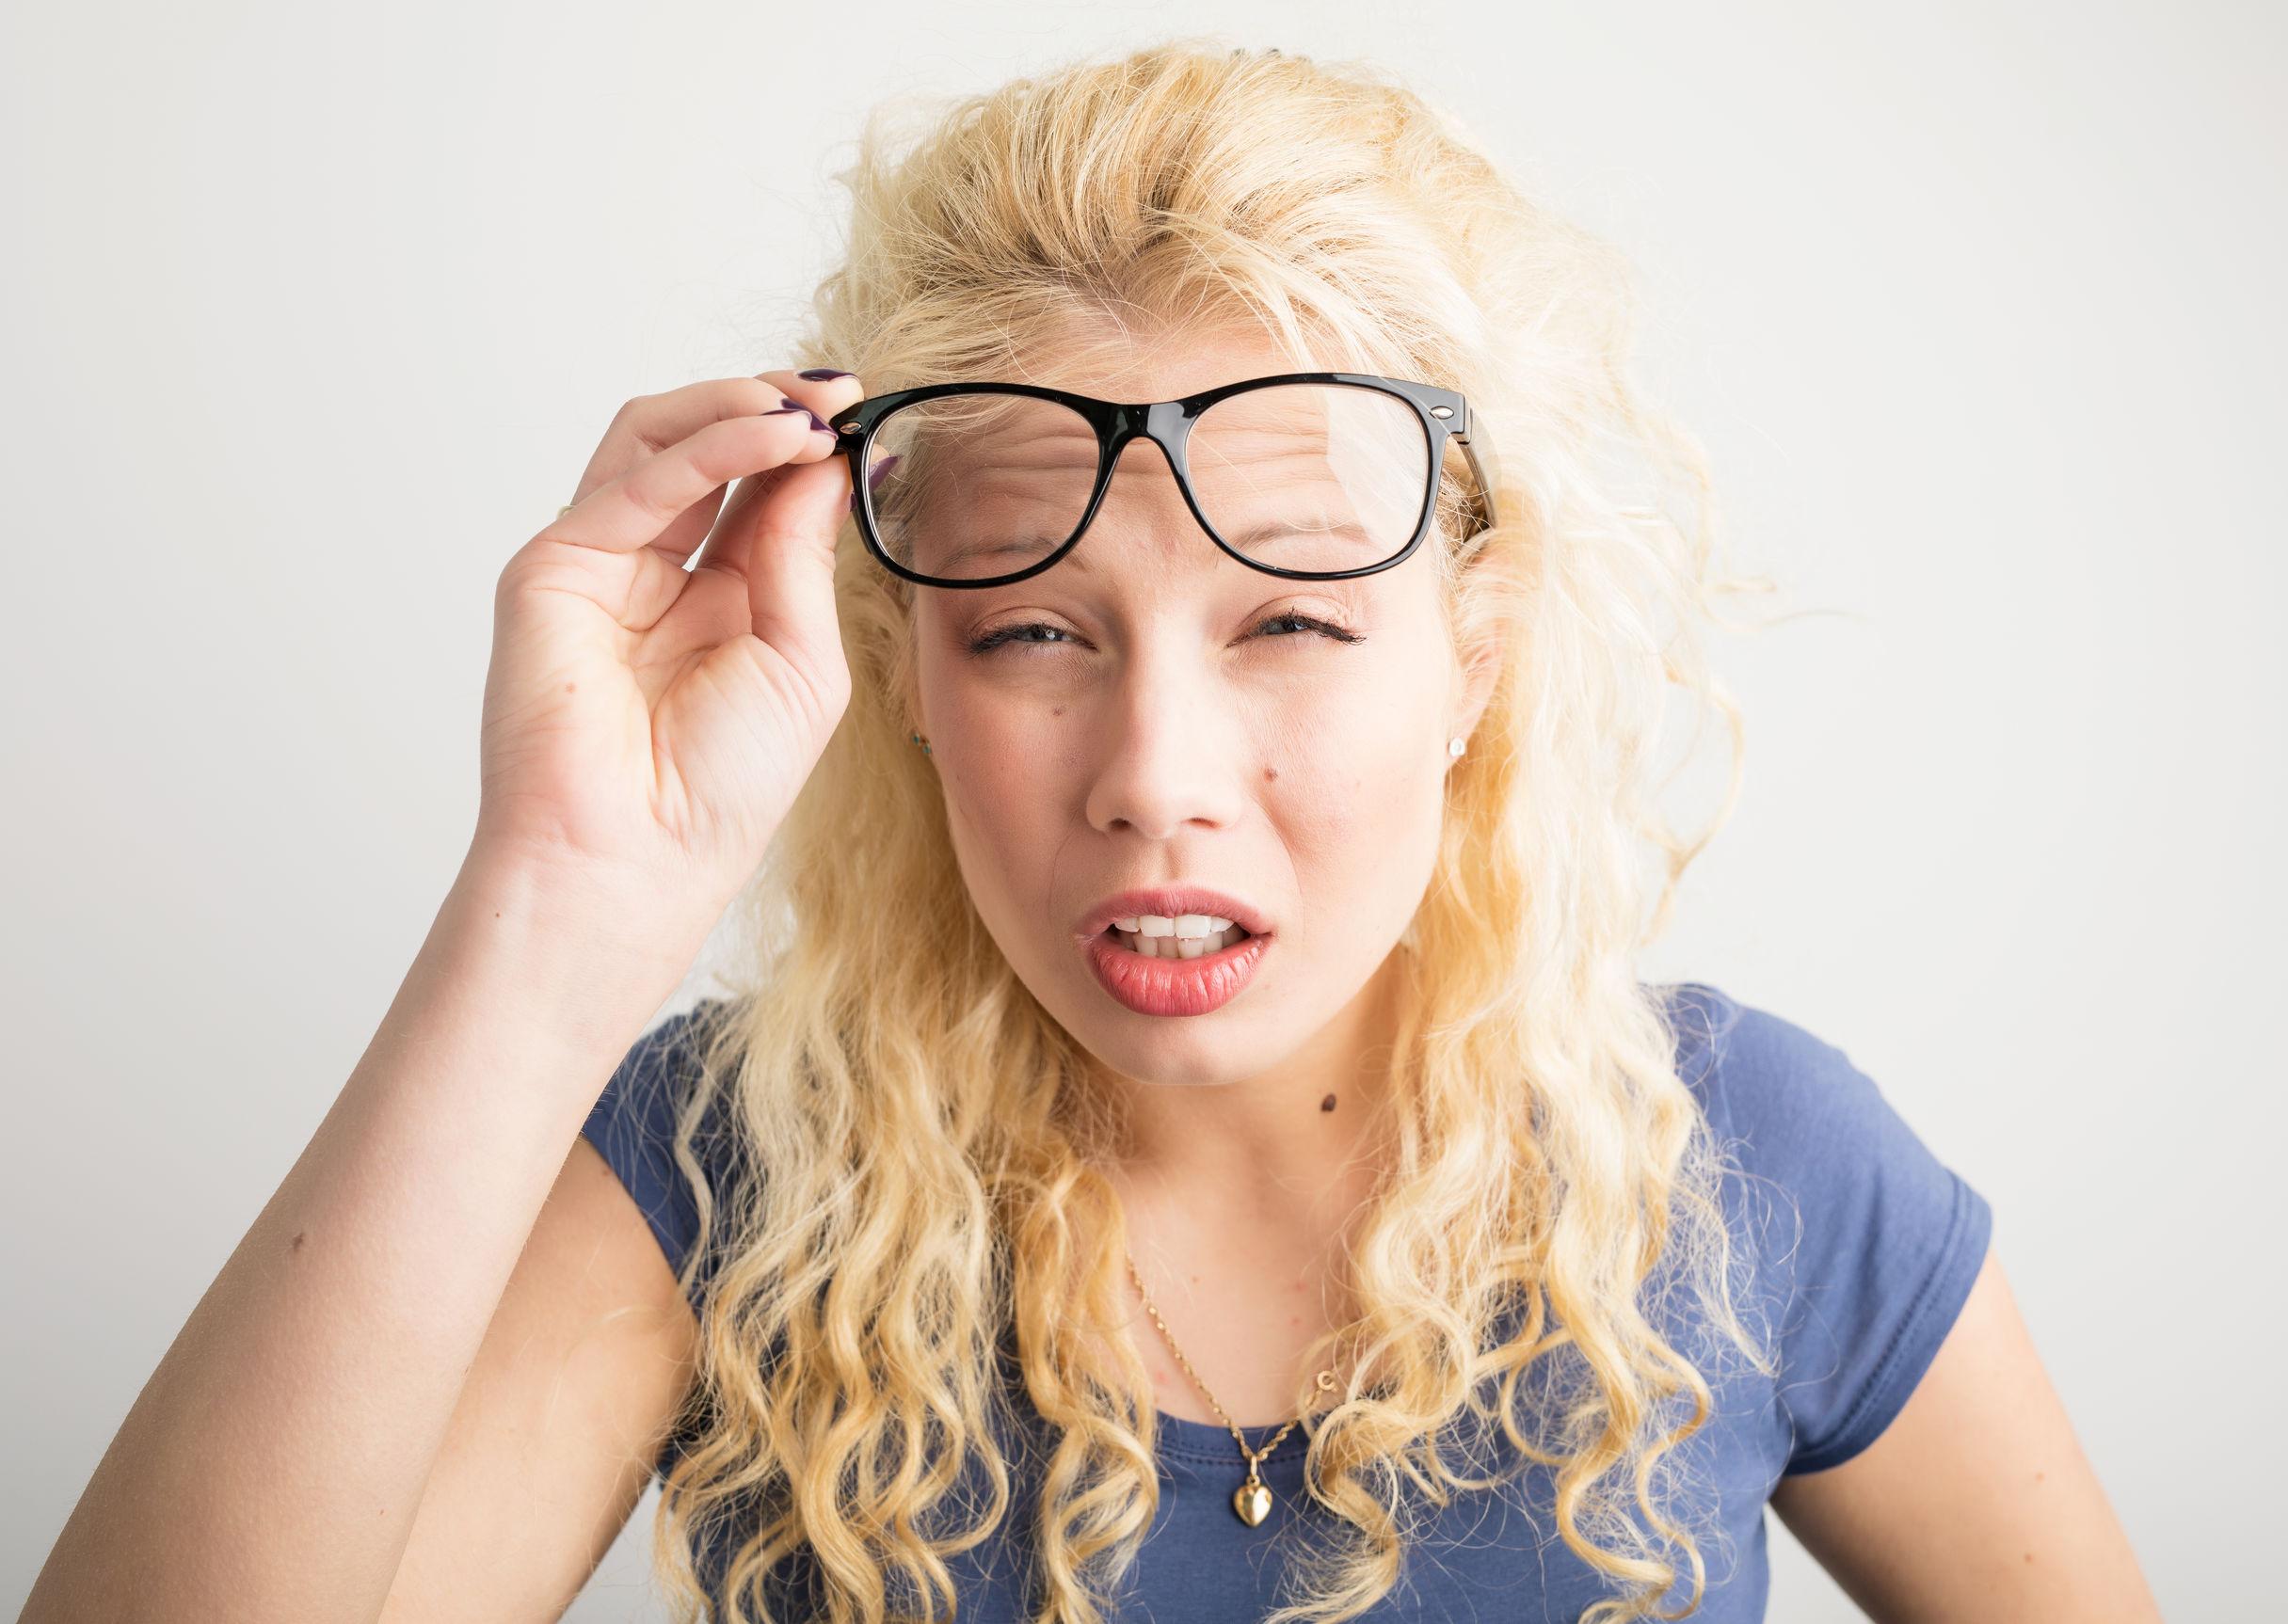 Jeune femme ne pouvant pas voir avec ses lunettes levées